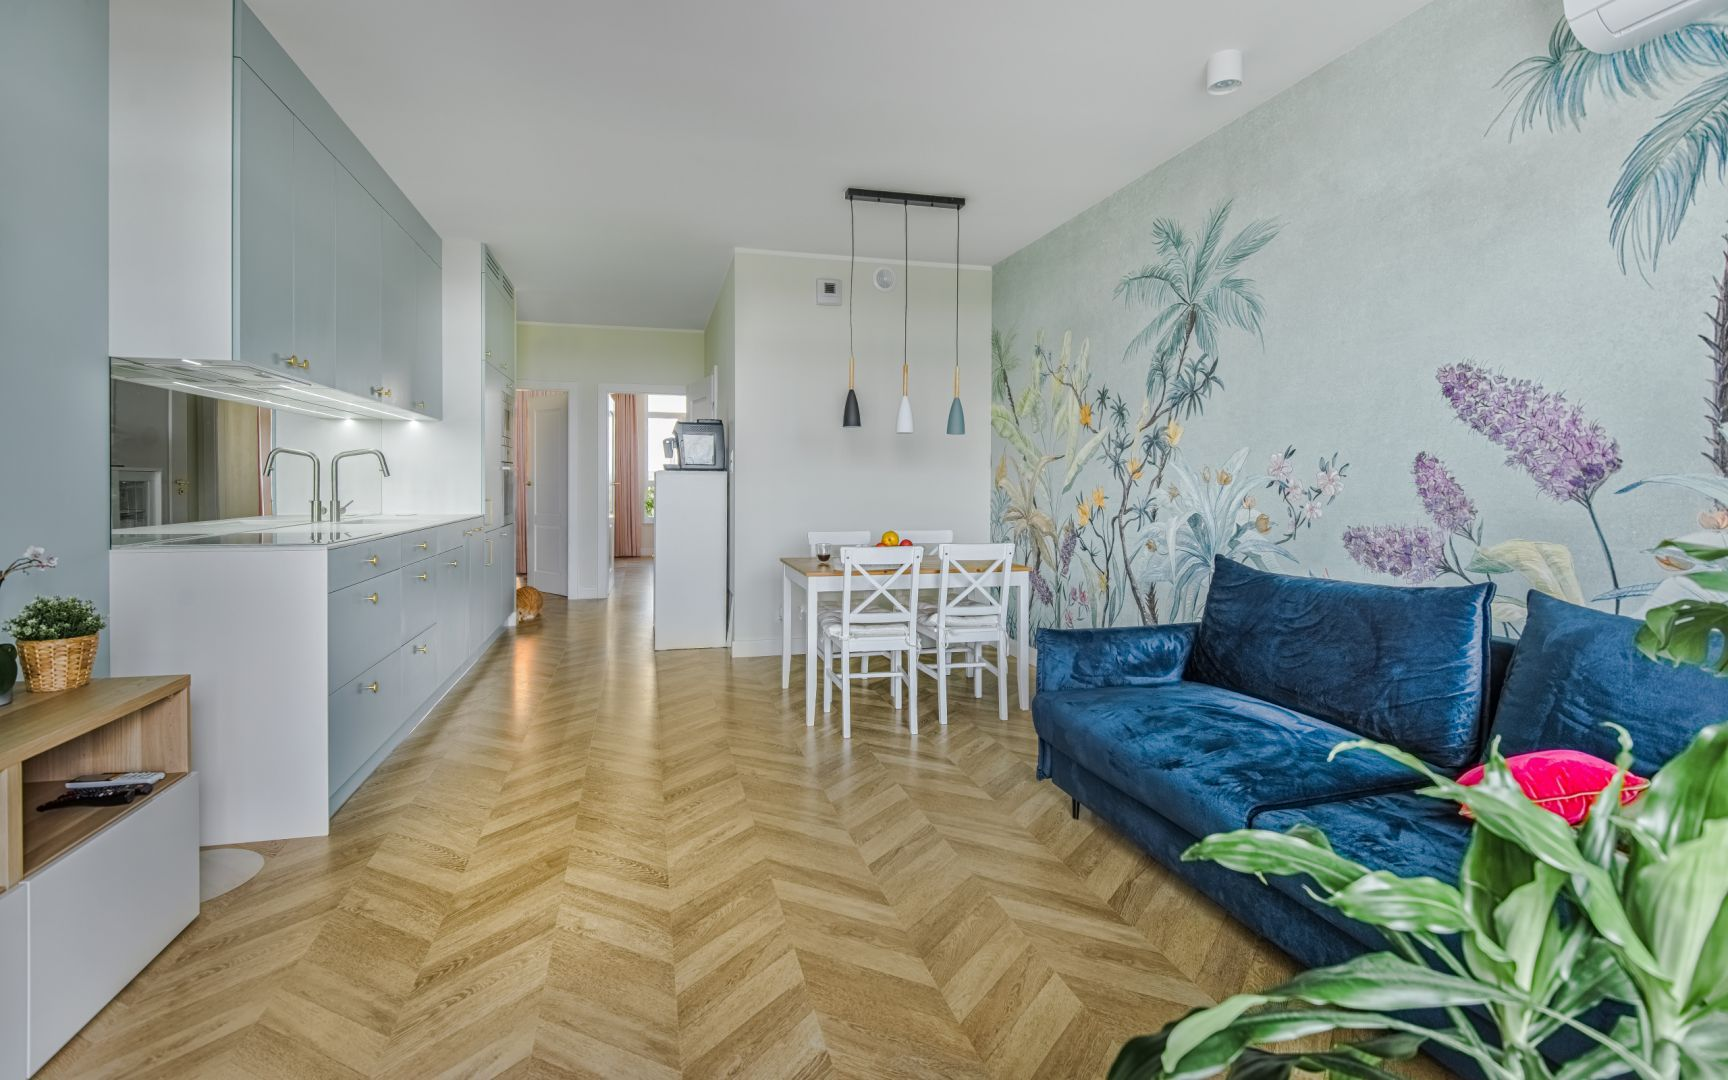 Mały salon połączony z kuchnią i jadalnią urządzono w jasnych kolorach. Podłogę wykończono drewnem ułożonym w elegancką jodełkę. Projekt: Beata Ignasiak, pracownia Ignasiak Interiors. Fot. Grupa Deix